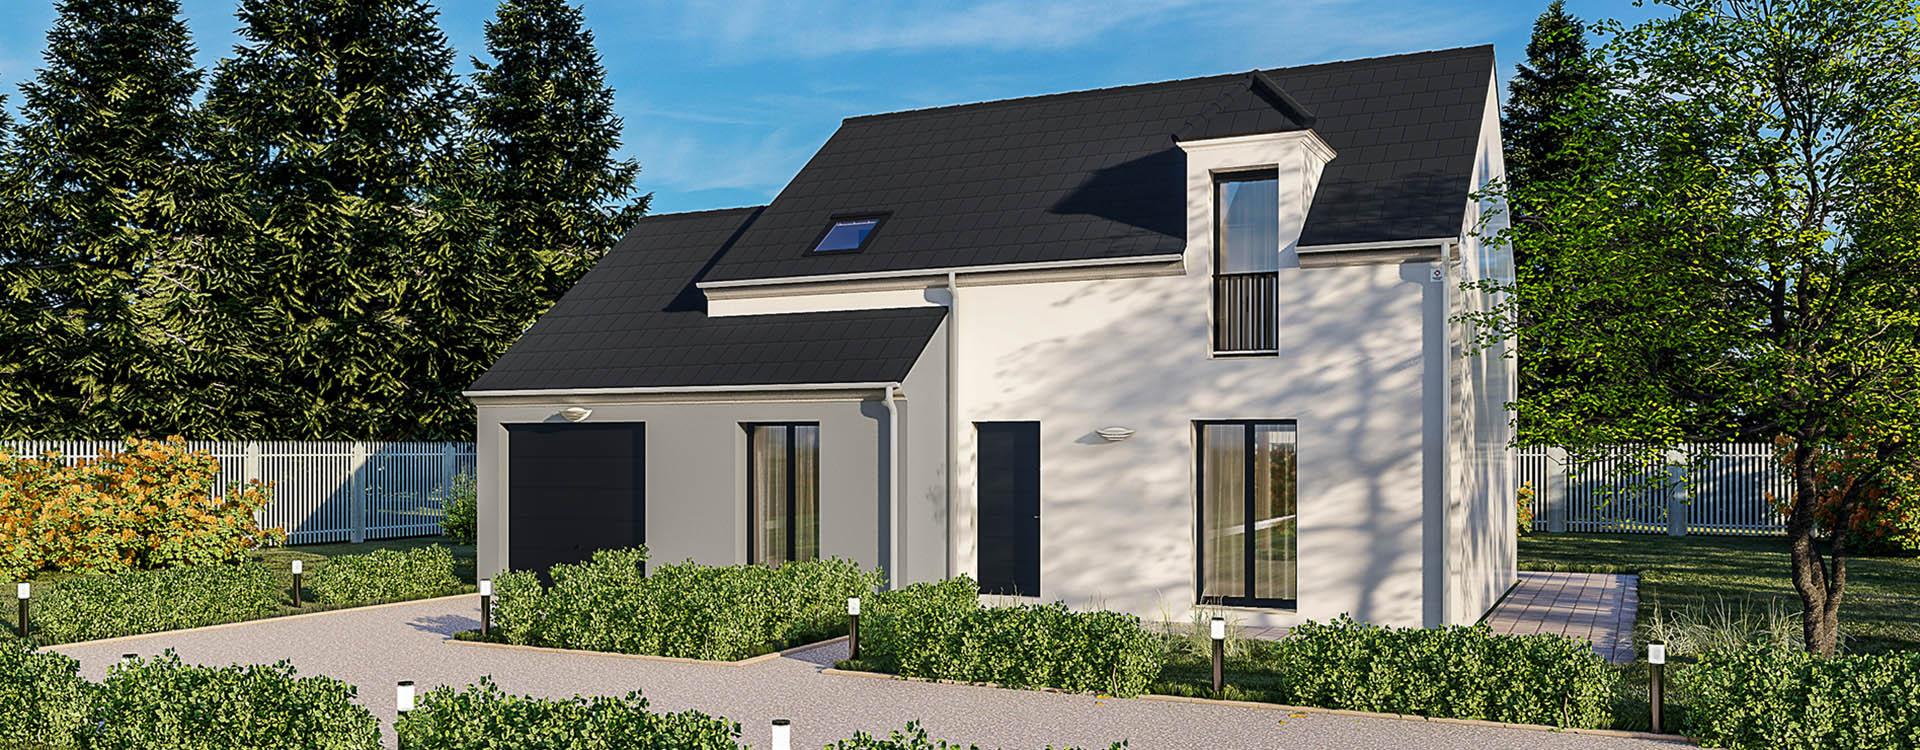 Maisons du constructeur MAISONS PIERRE MONTEVRAIN • 108 m² • MONTEVRAIN